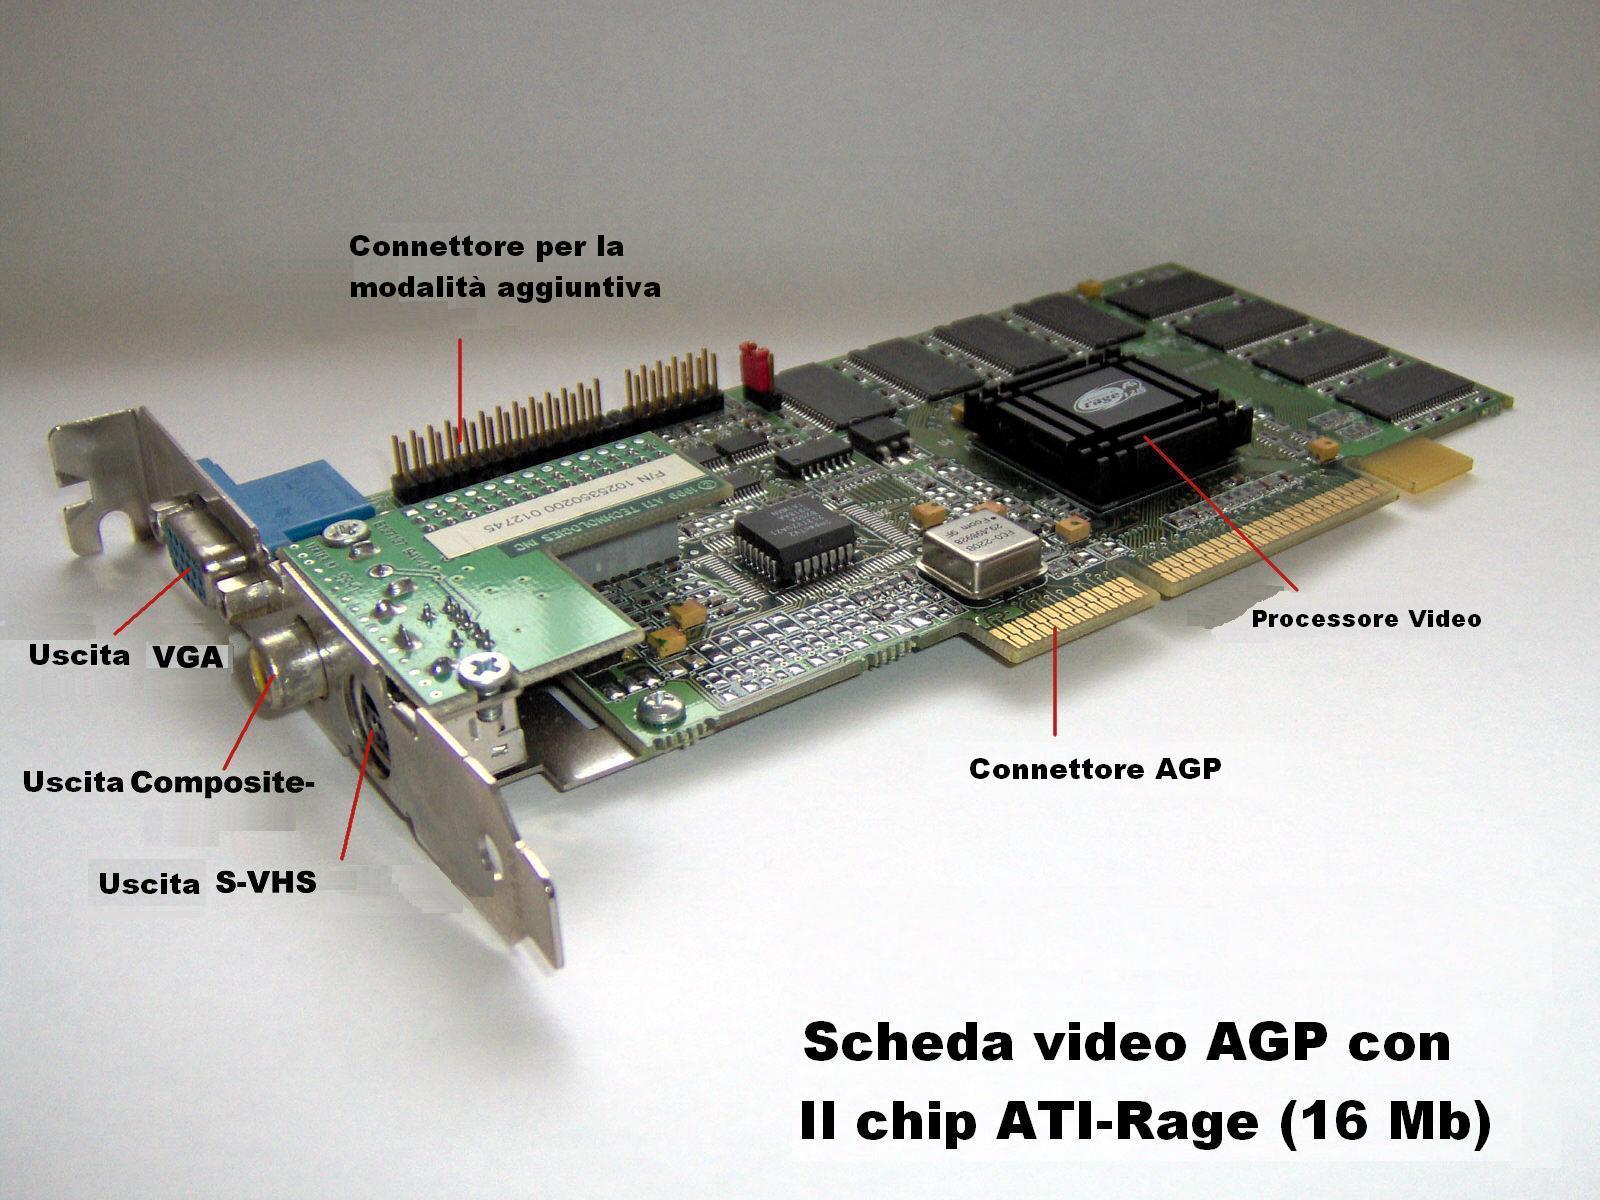 ATI-Rage-16-MB_1-1600x1200.JPG